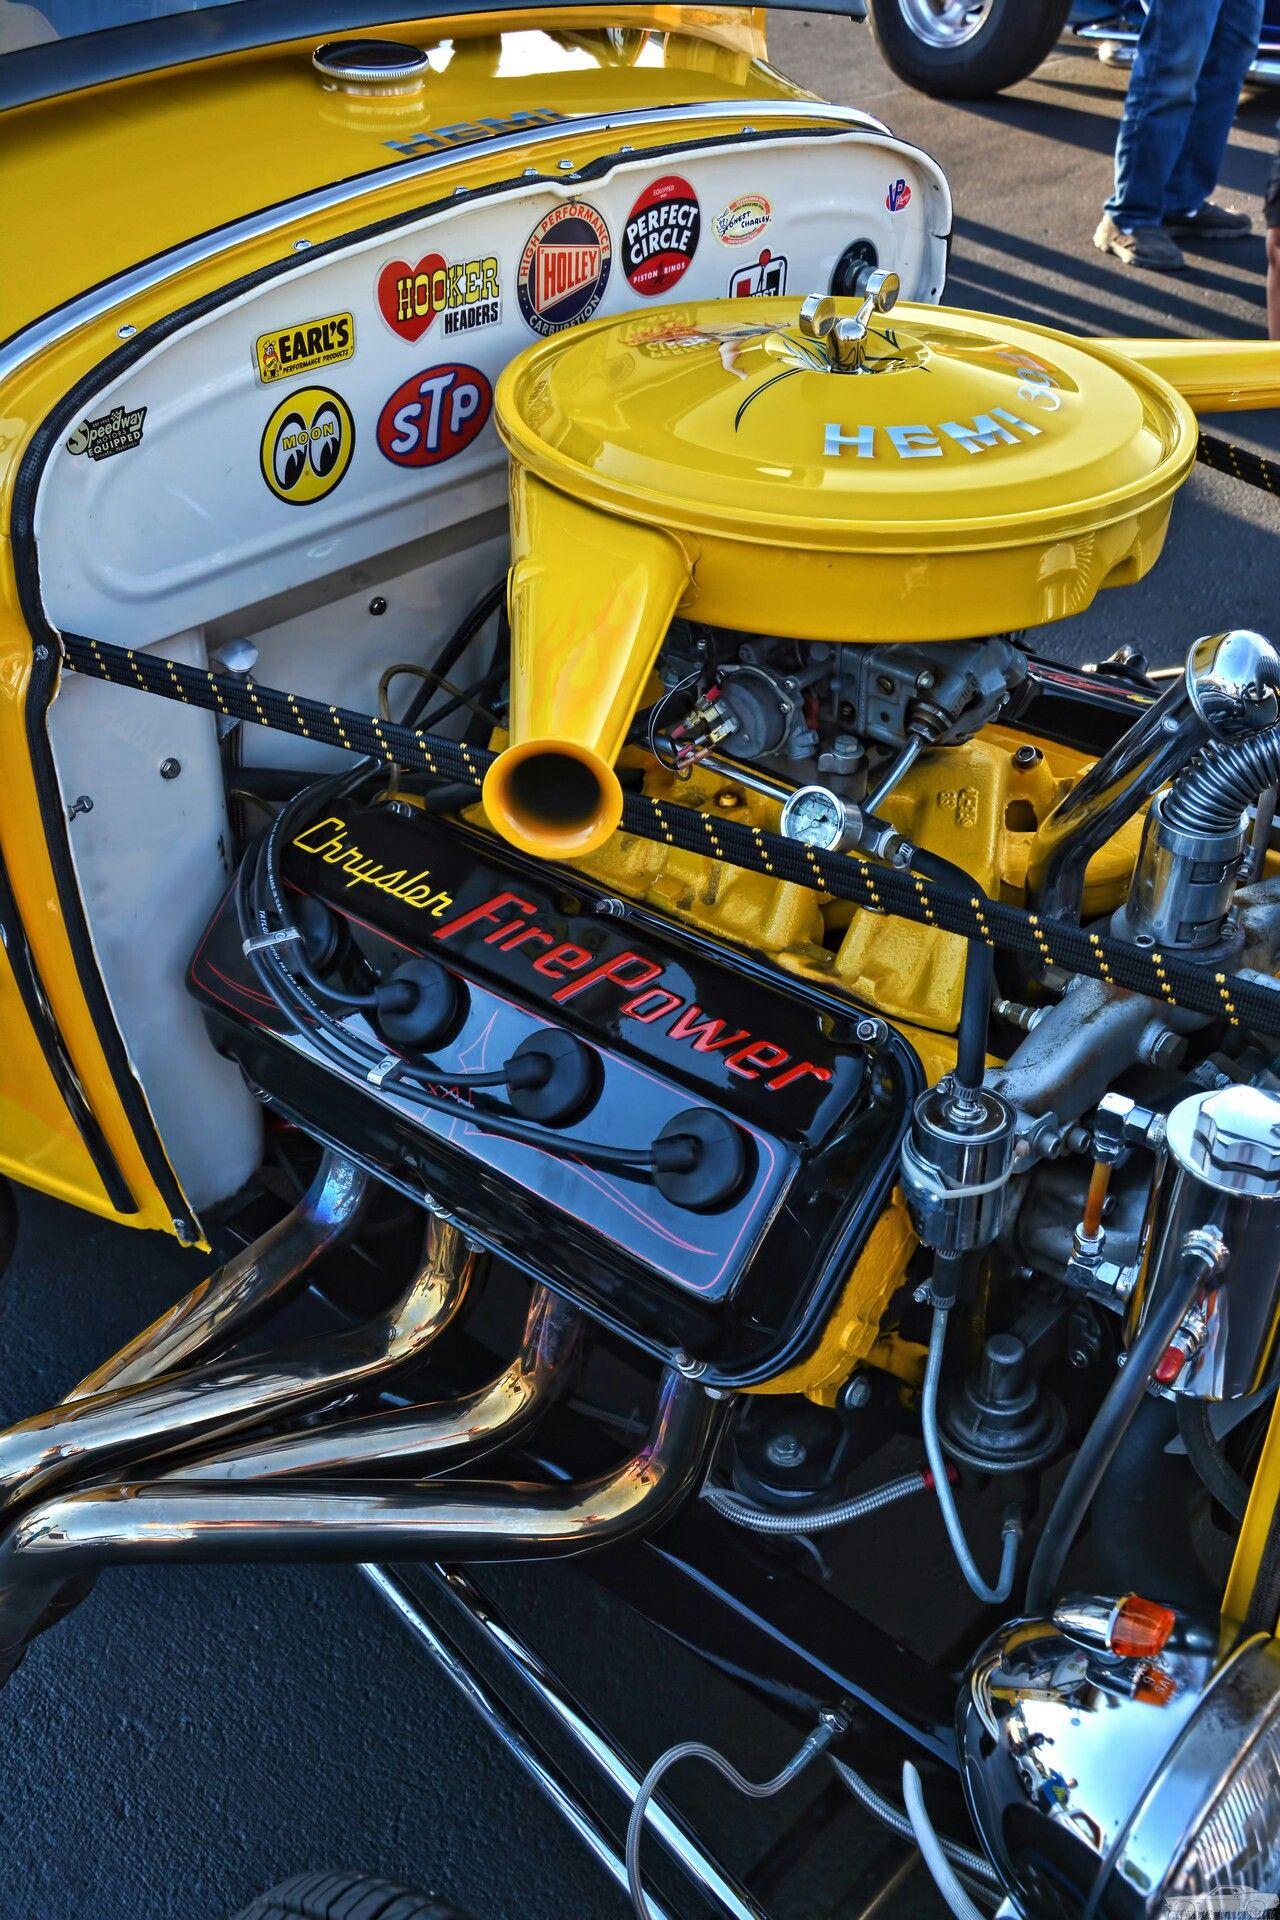 Pin By Walter Keil On Motors Classic Cars Trucks Rat Rod Rat